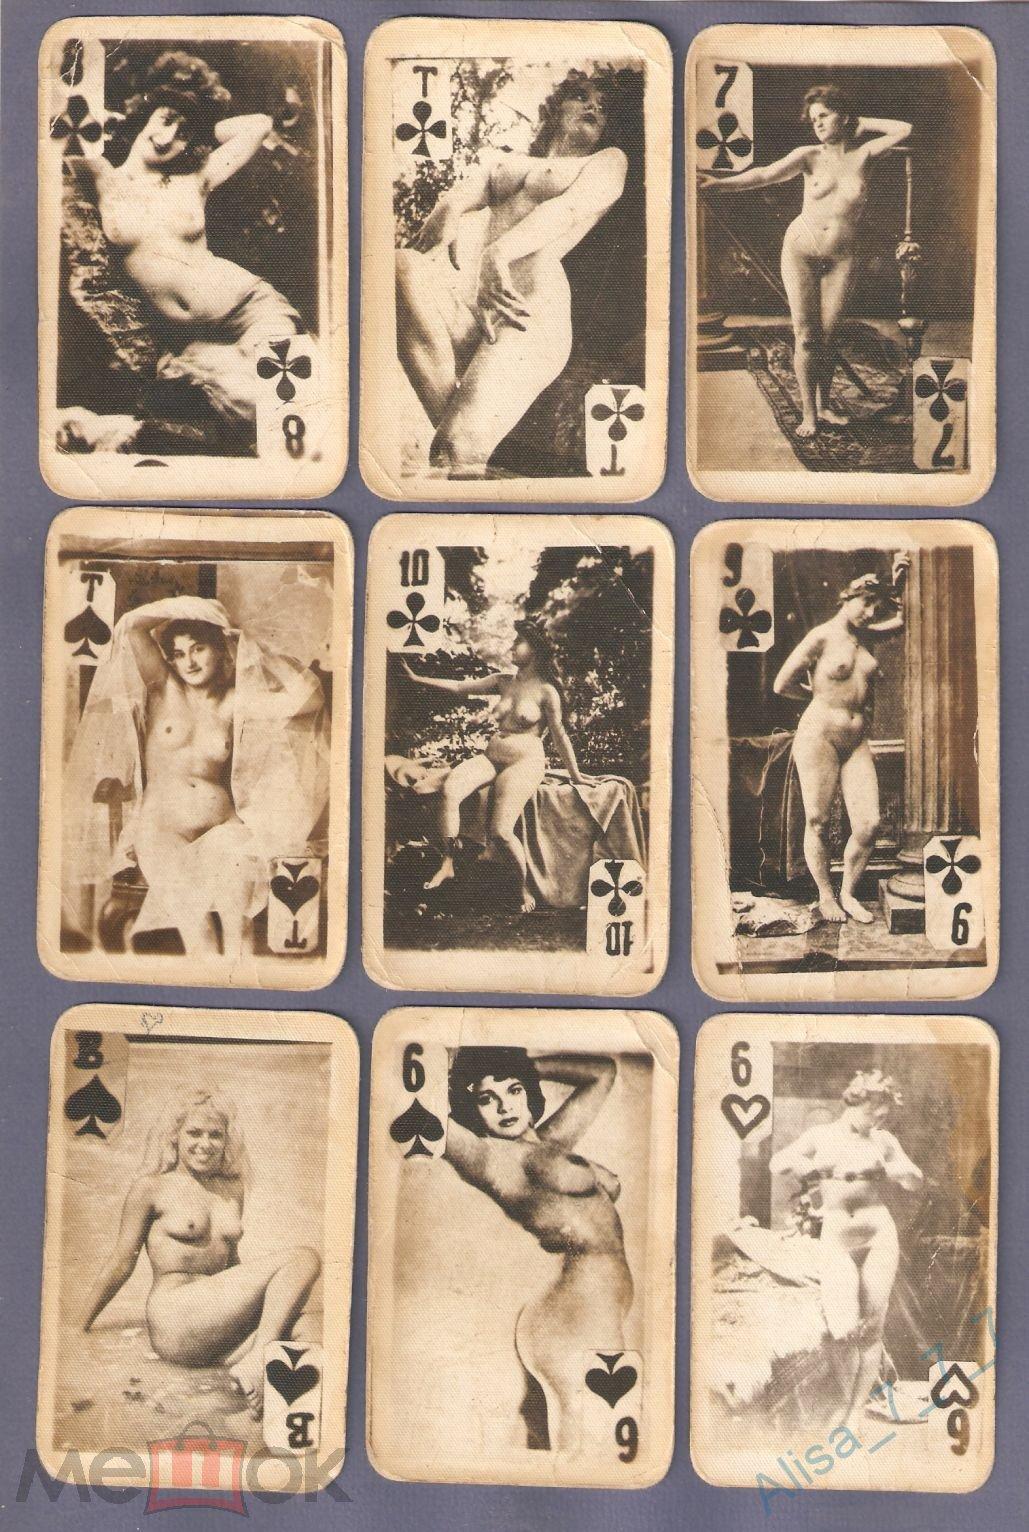 Югославские эротические игральные карты